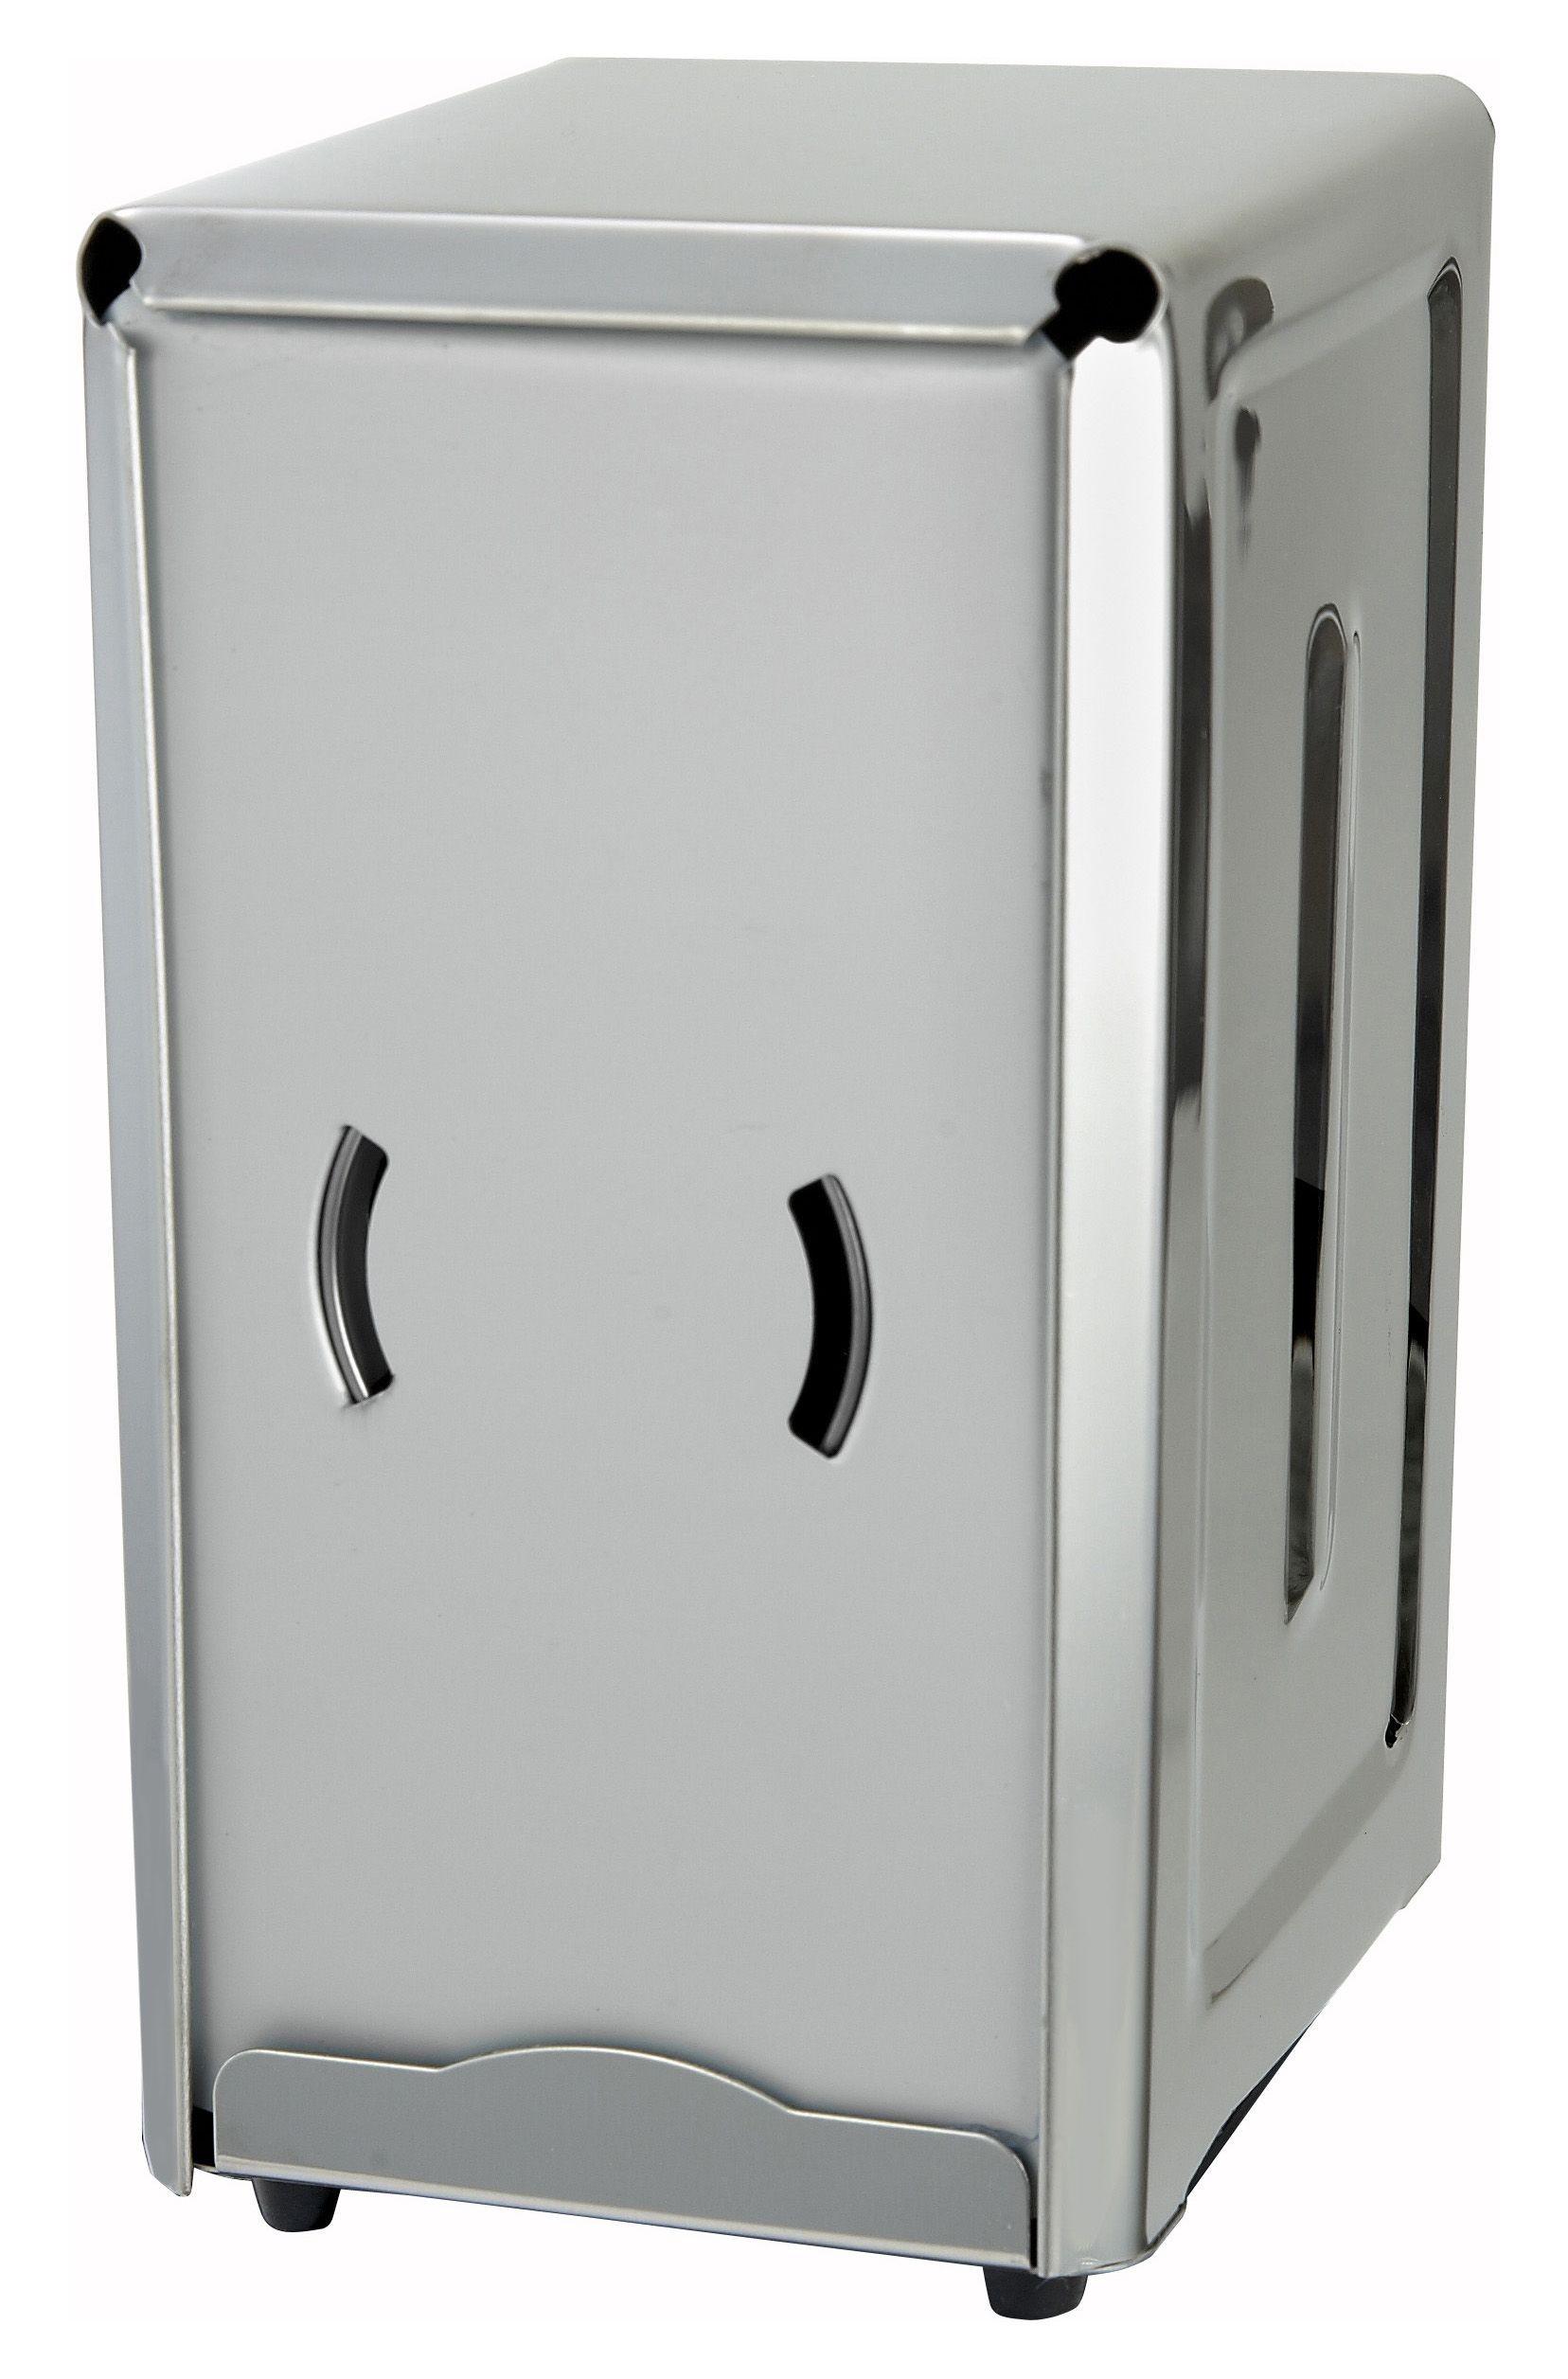 Winco NH-7 Full Size Stainless Steel Napkin Dispenser